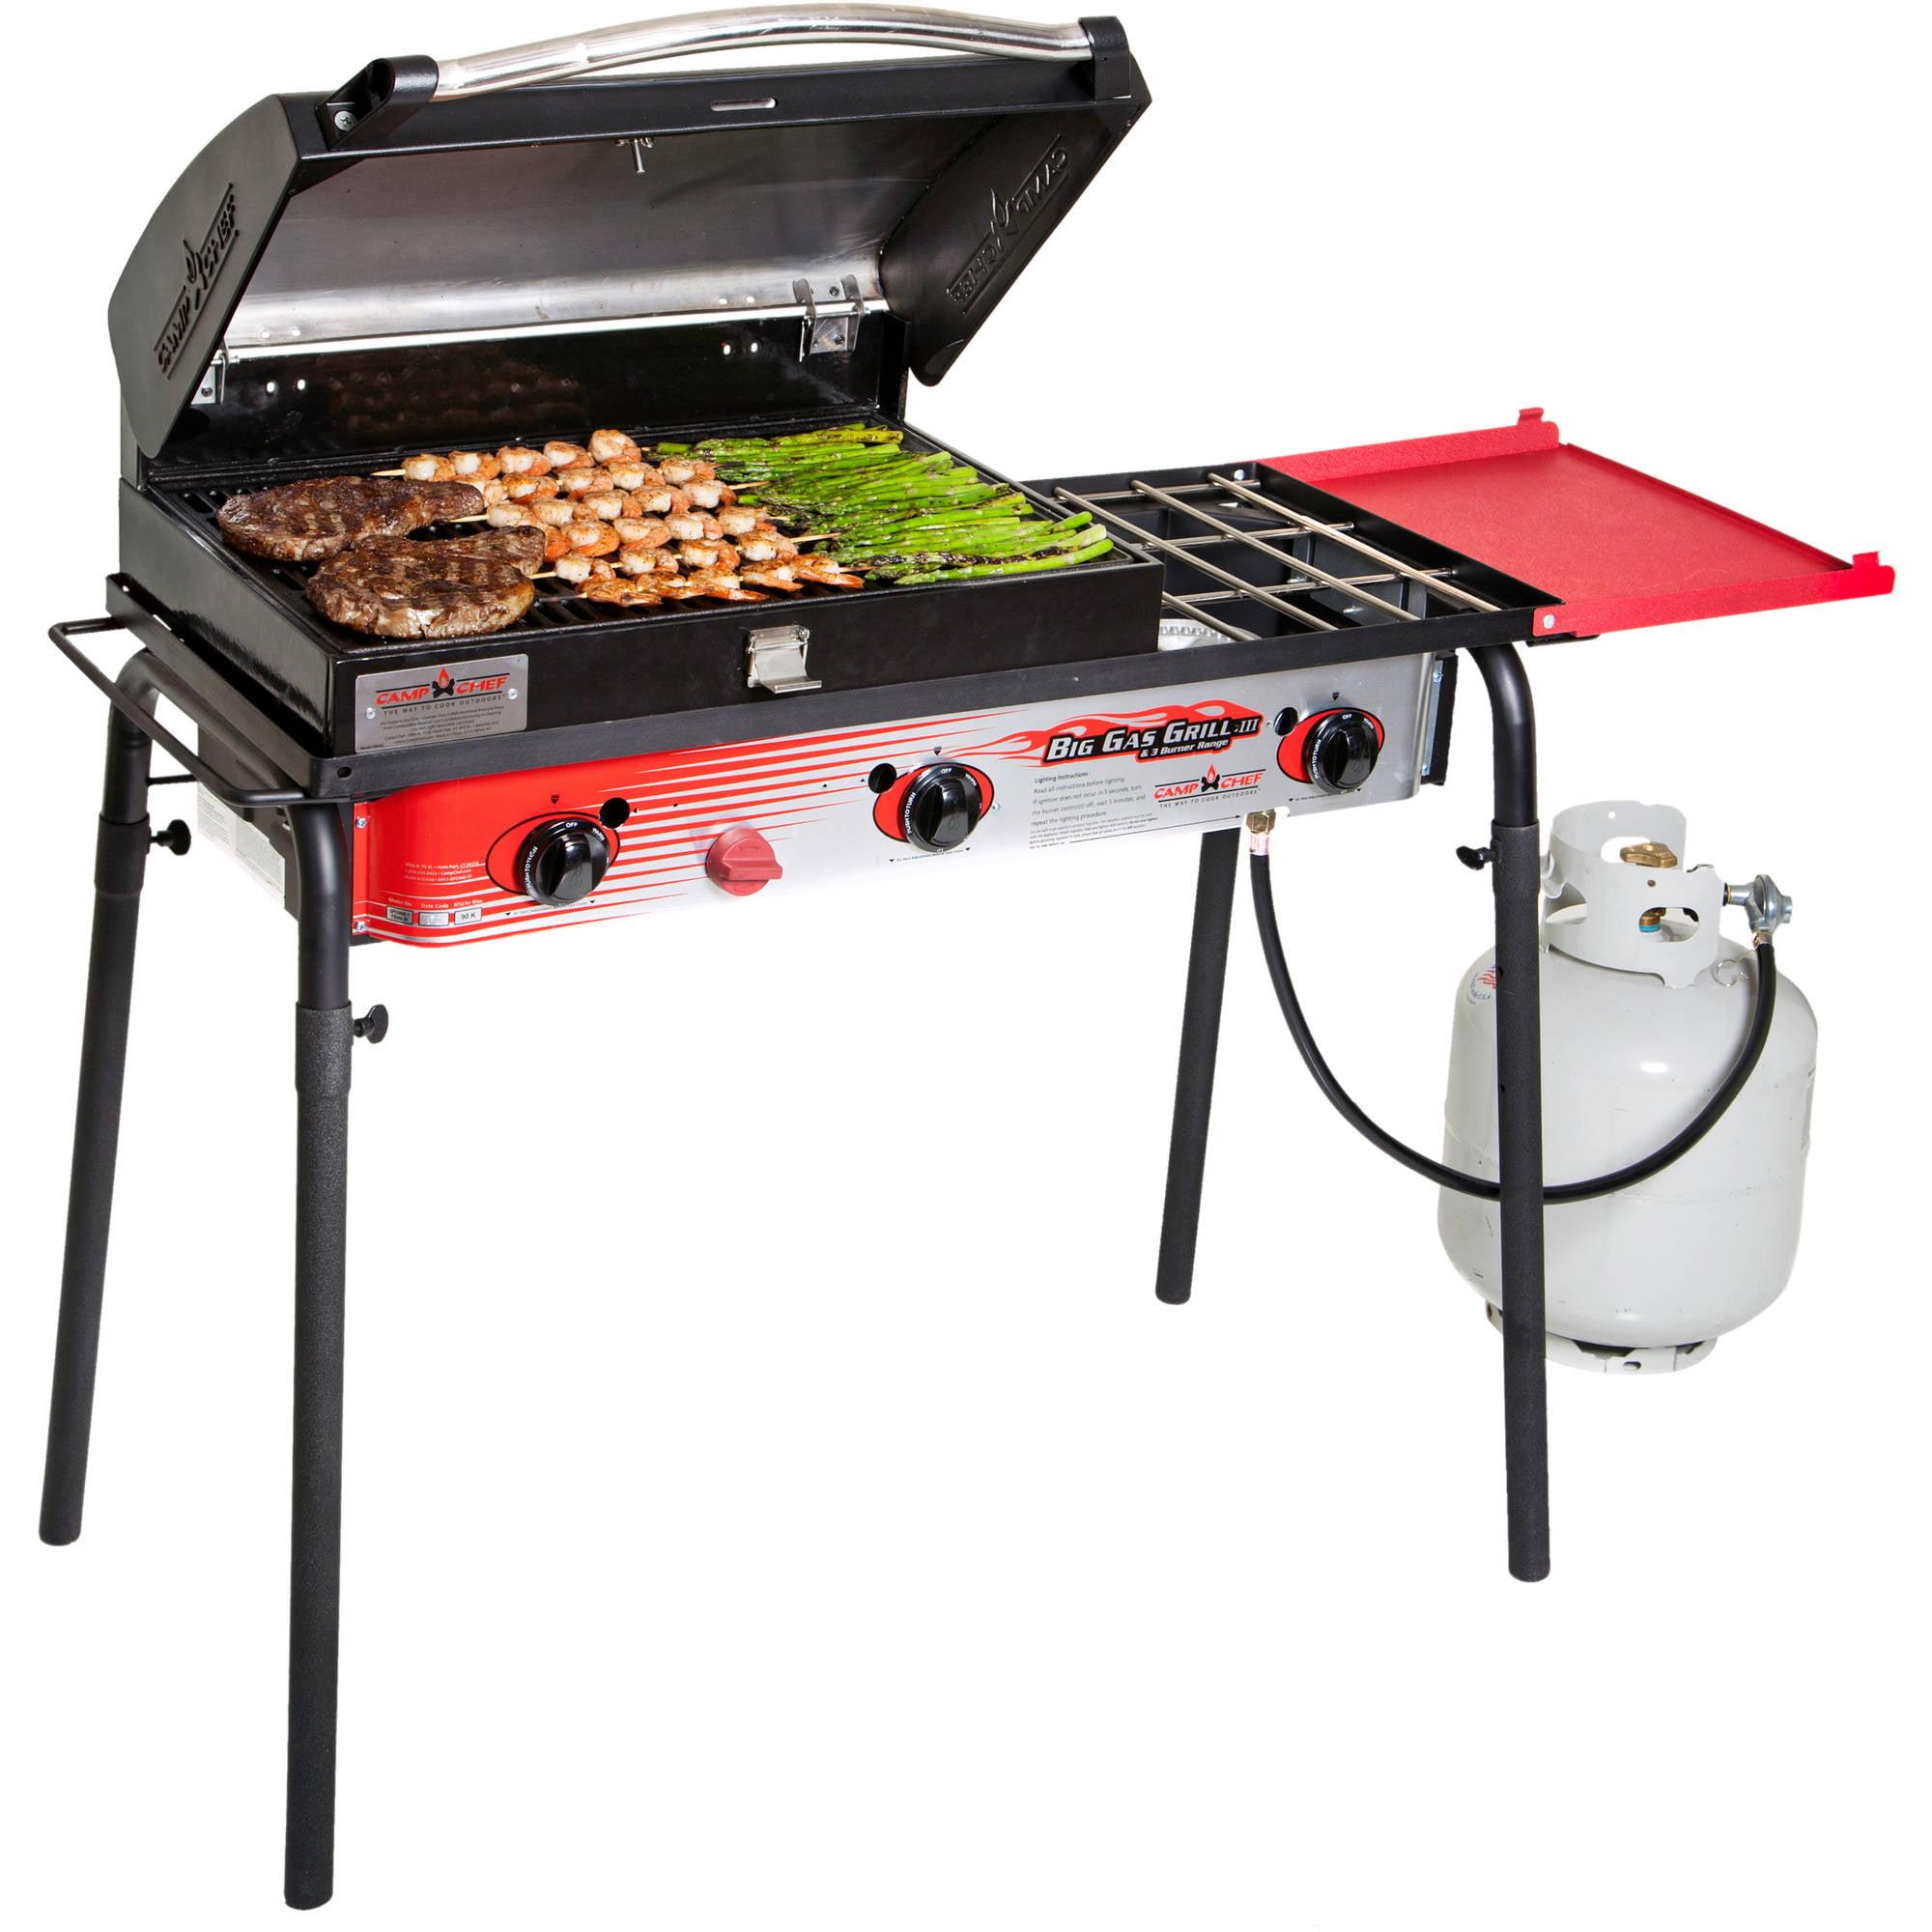 Camp Chef SPG-90B 30,000 BTU 3-Burner Big Gas Grill